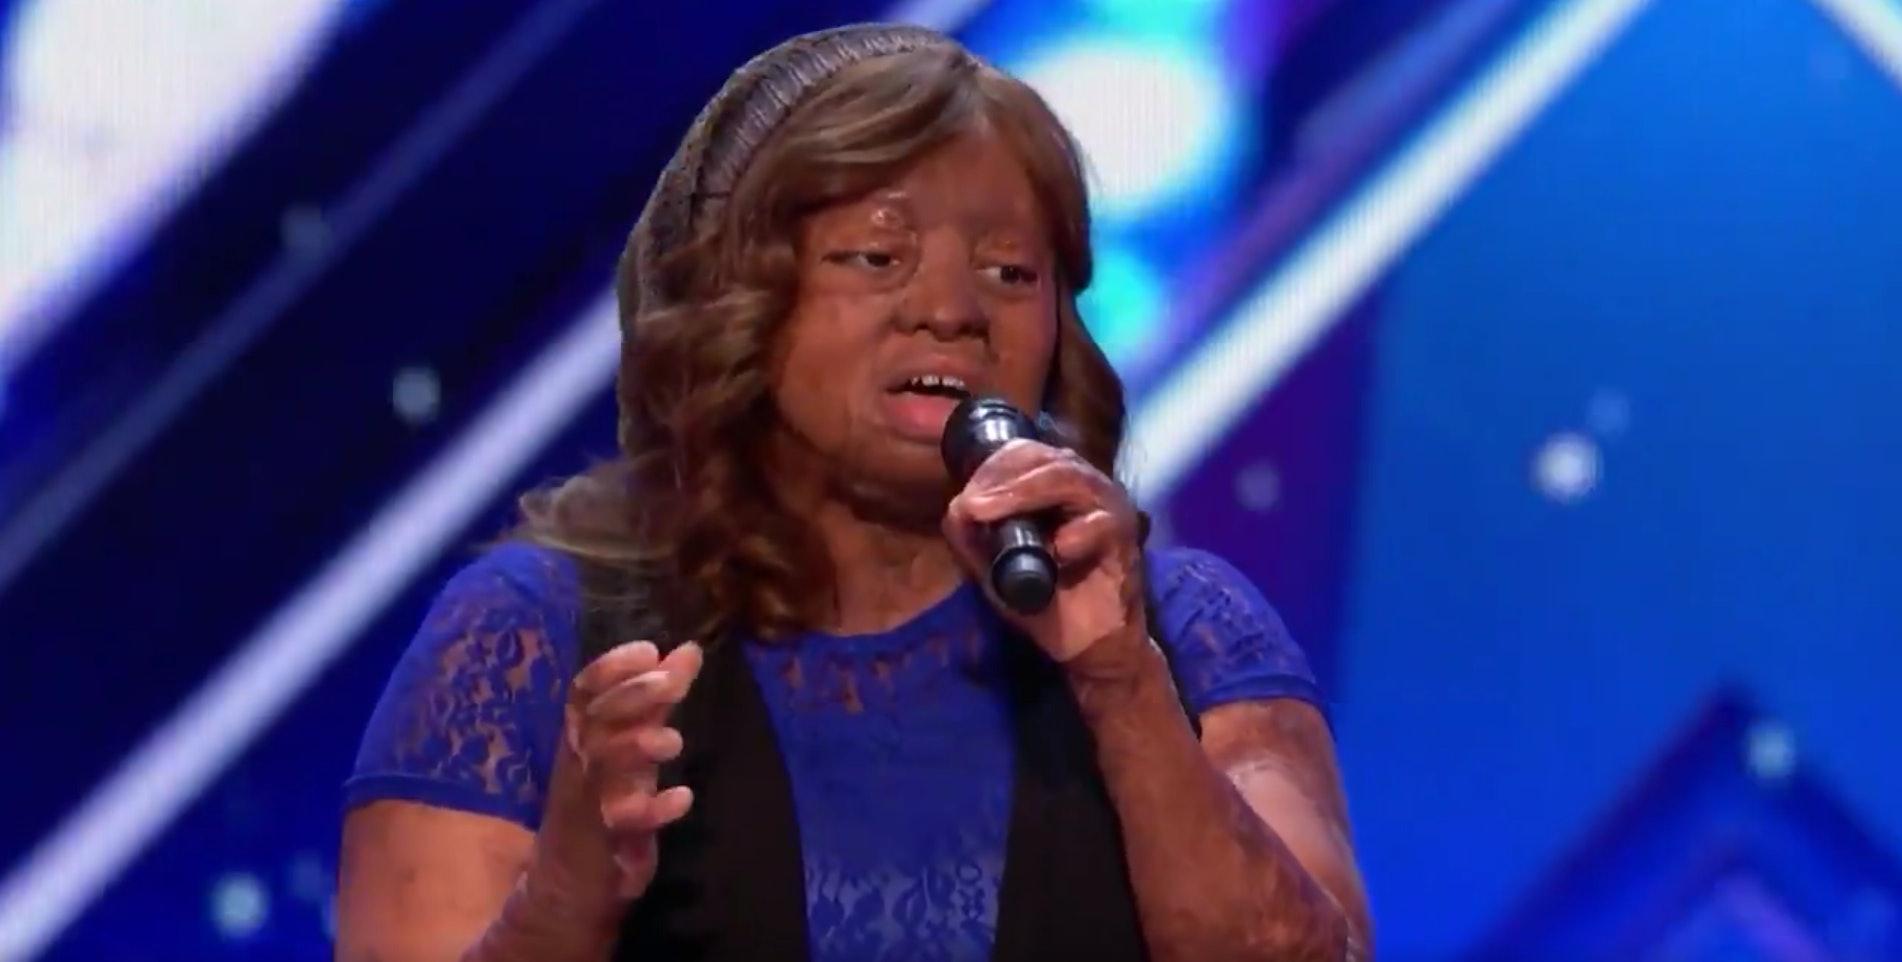 Americas got talent 2017 plane crash - The America S Got Talent Contestant Is A Singer Survivor